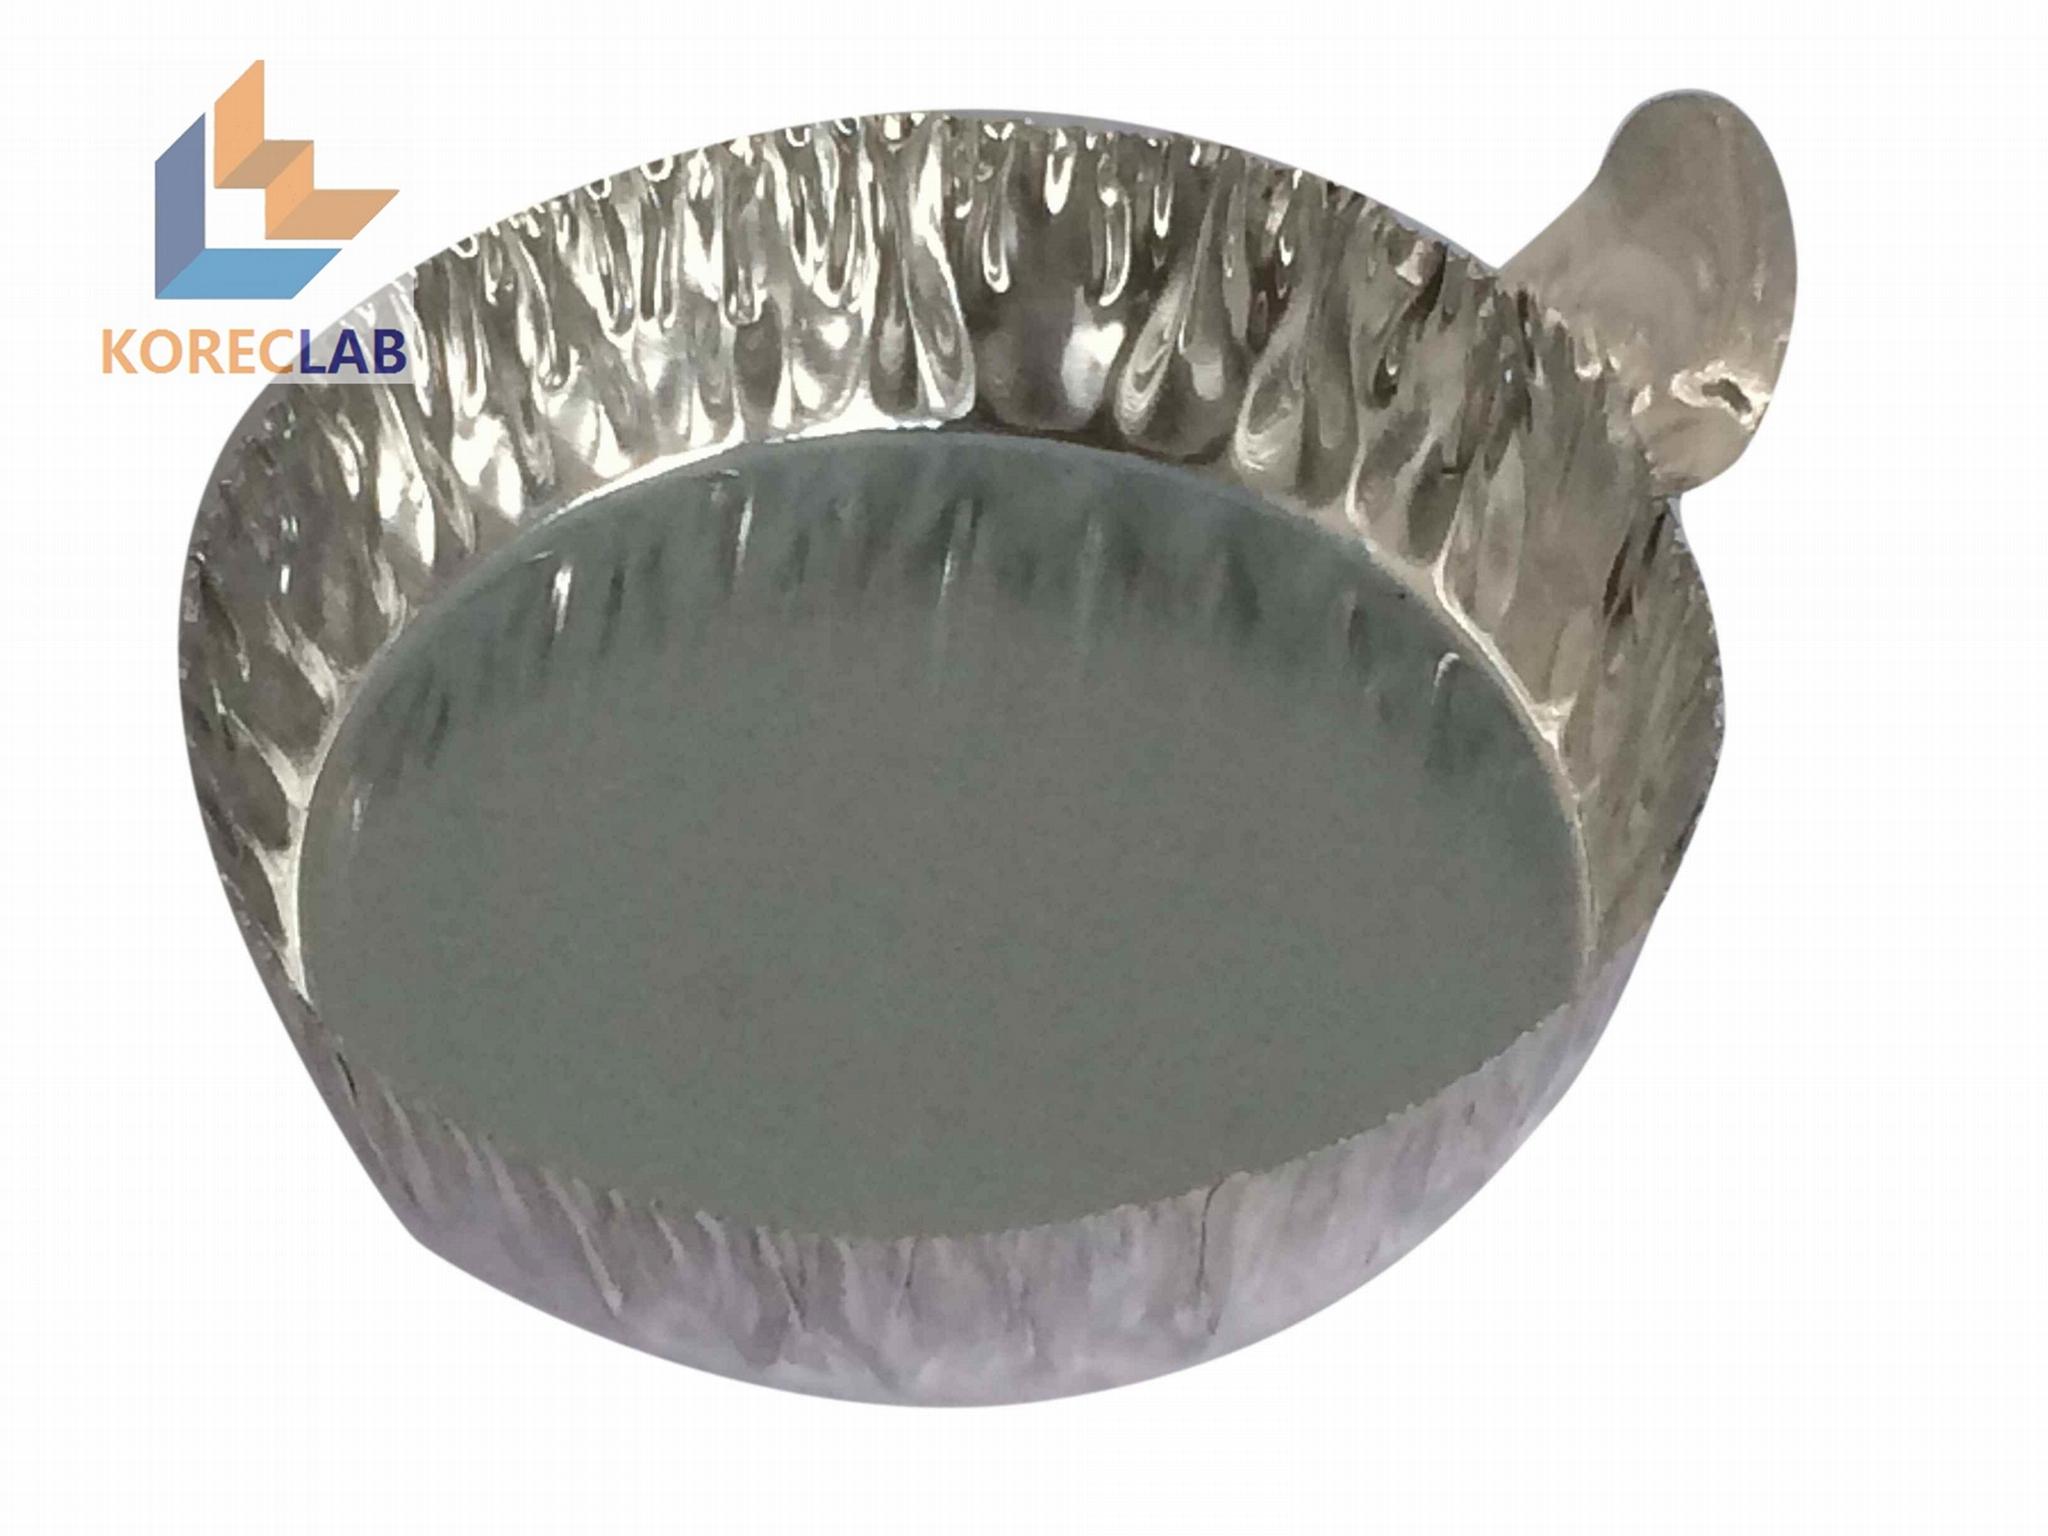 帶手柄鋁制稱量盤 鋁箔稱量盤 稱量盤 稱量皿 大號 4